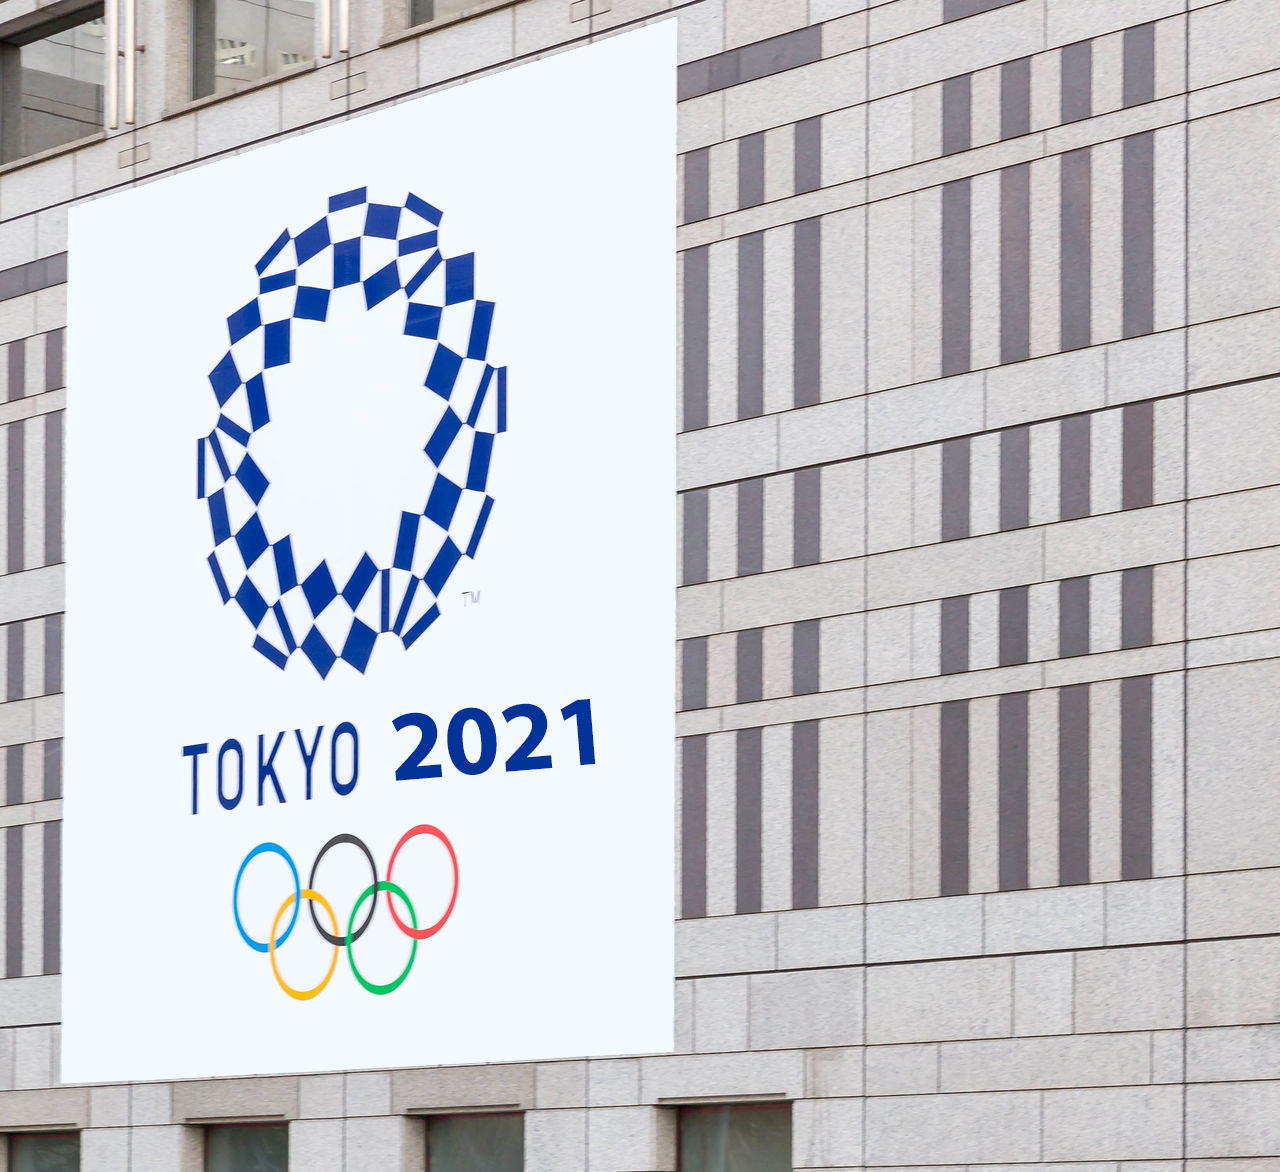 OS i Tokyo drar igång i juli 2021